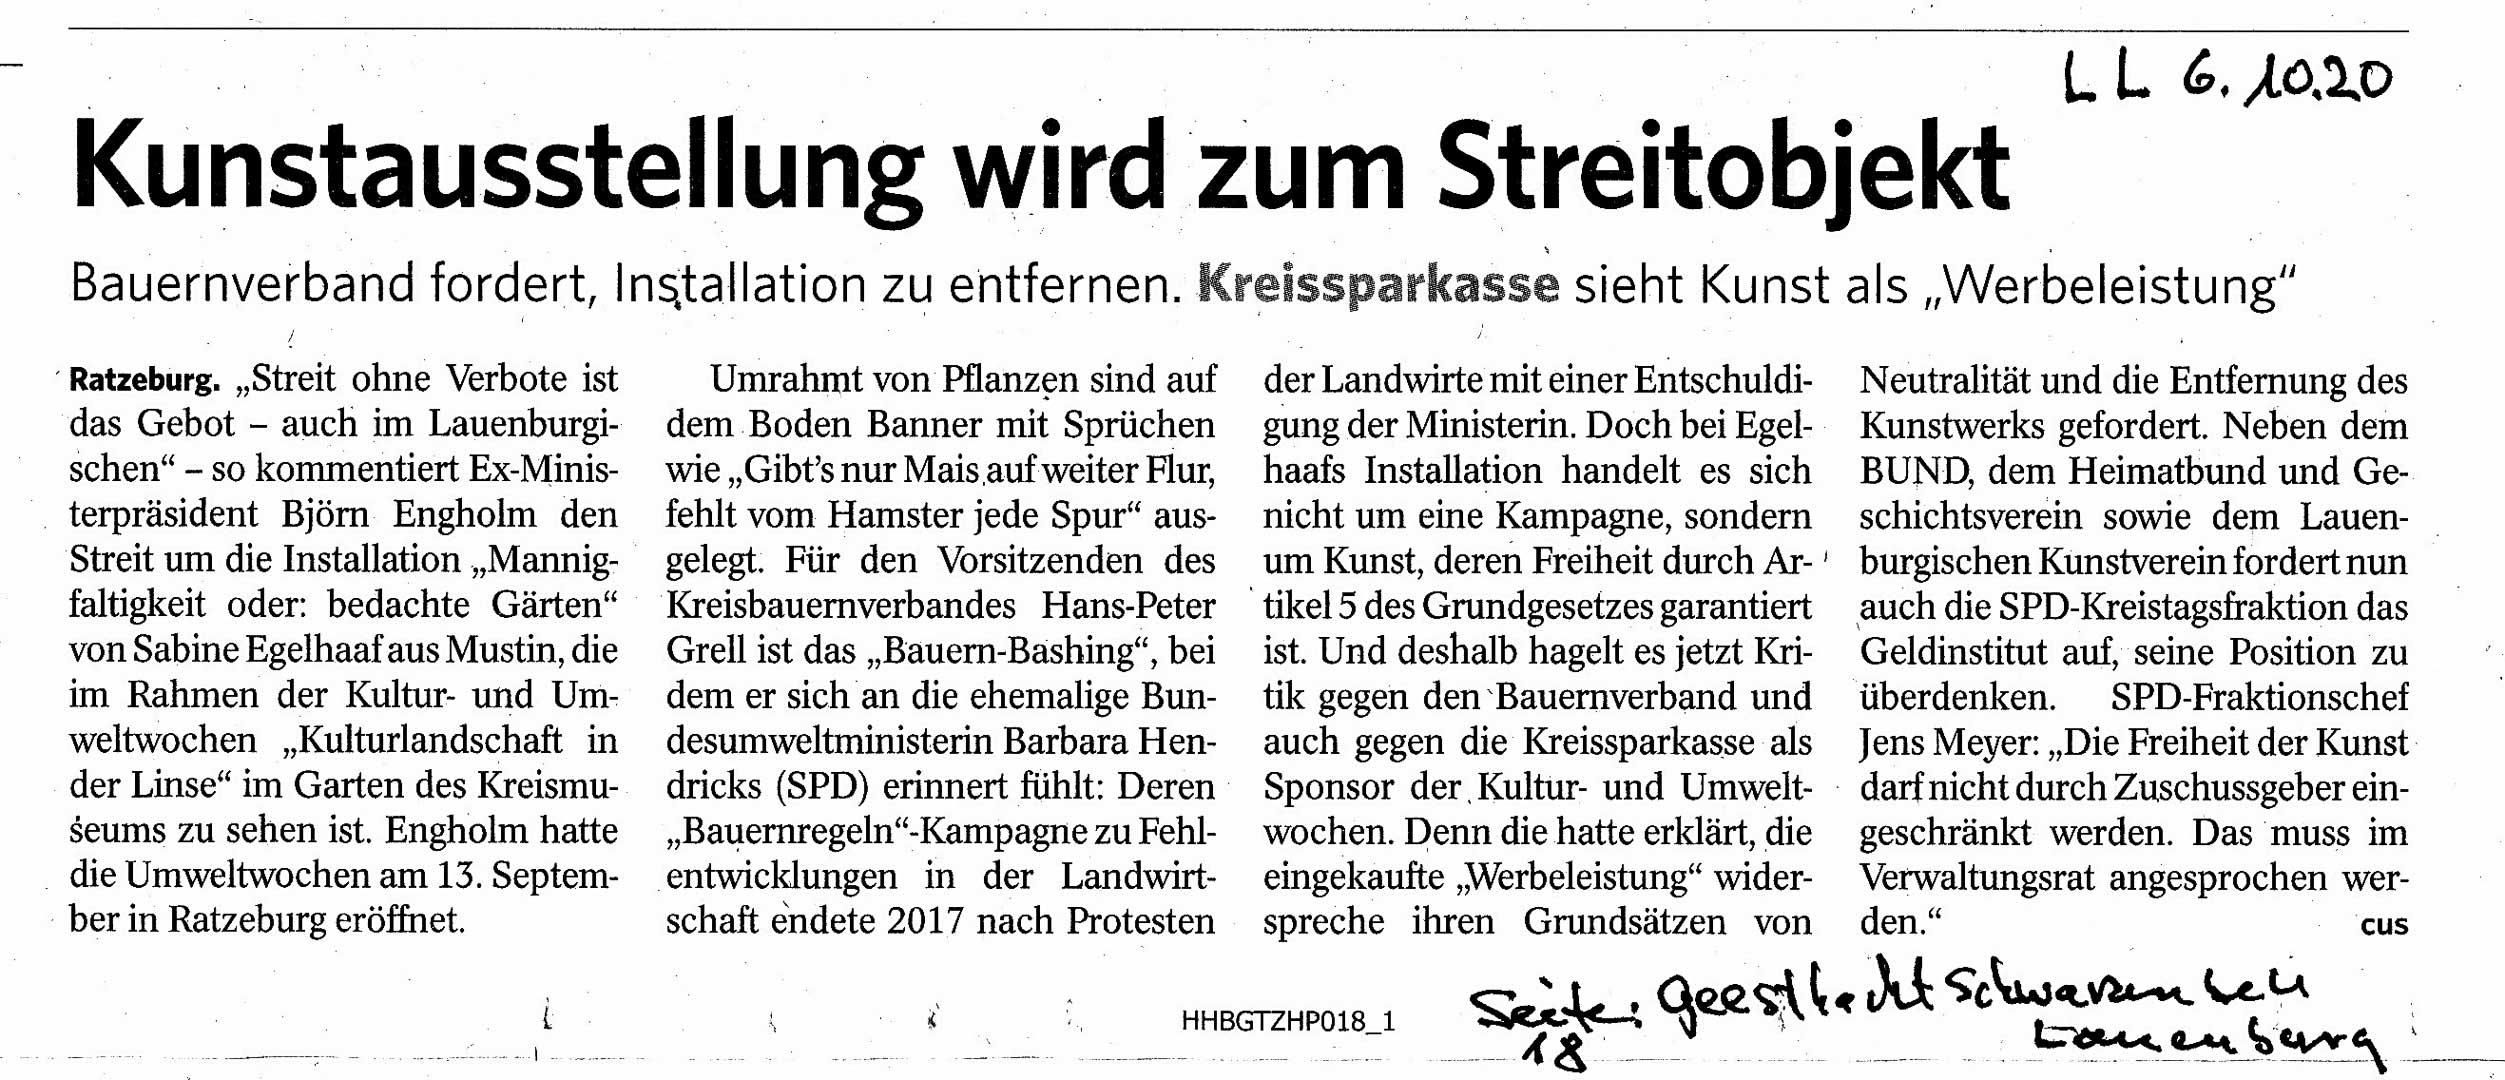 Lauenburgische Landeszeitung On Fire